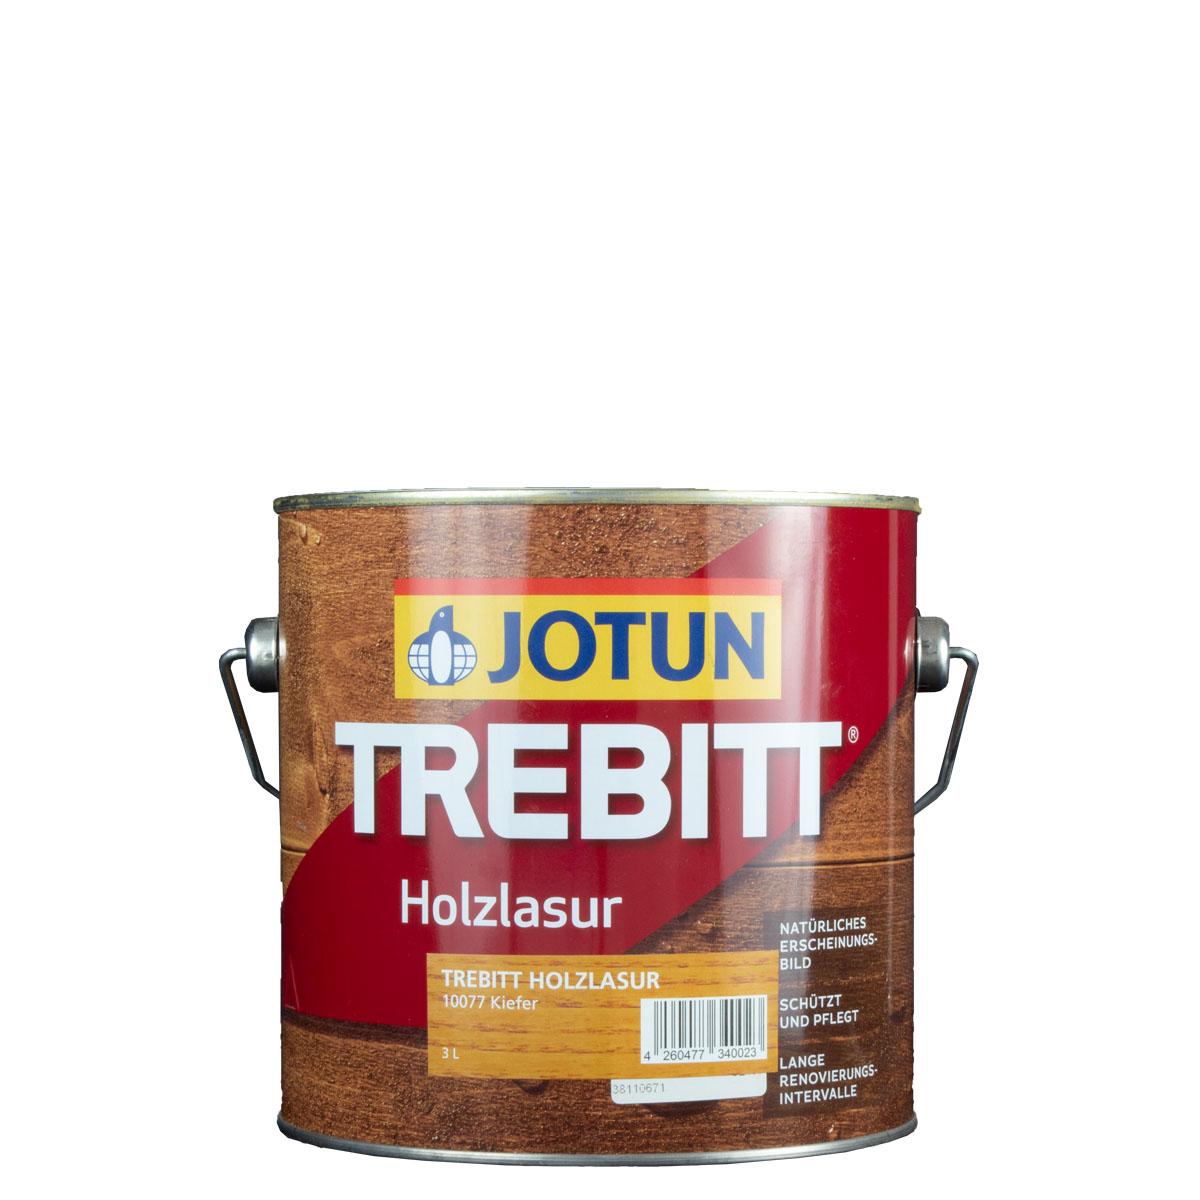 Jotun Trebitt 3L weiß 600, Holzschutzlasur